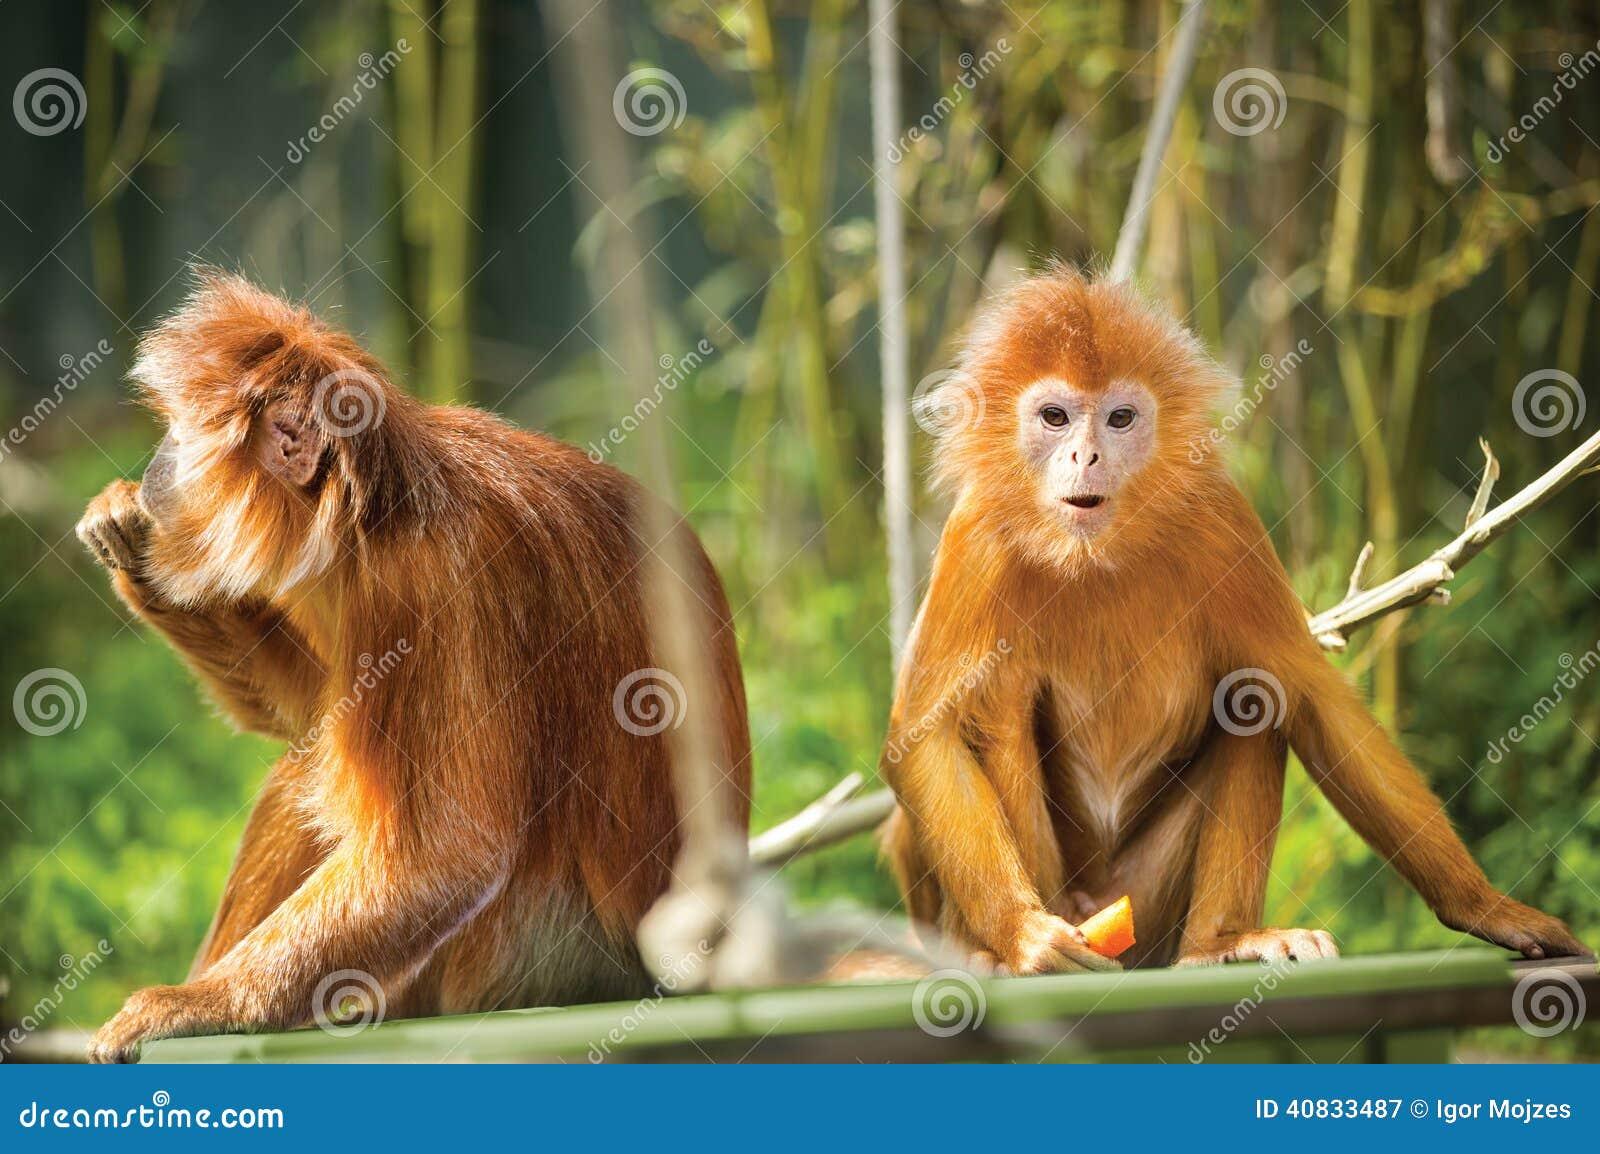 Фото с неграми обезьянами 14 фотография